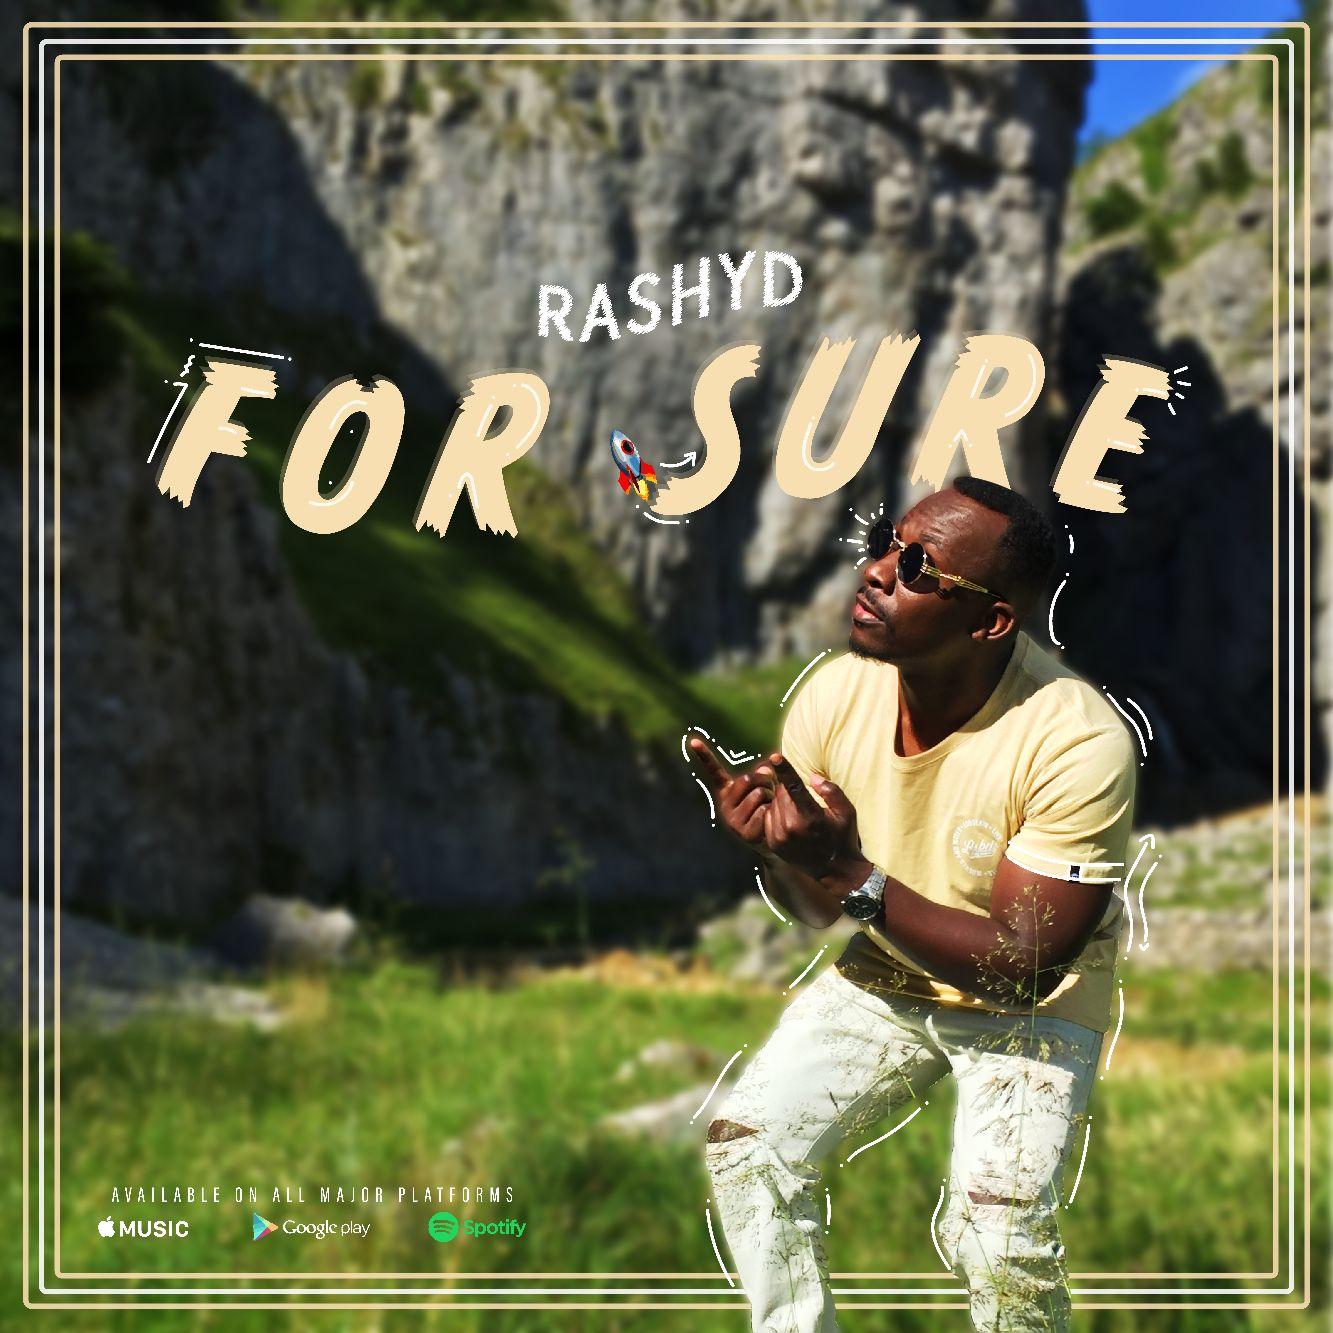 Rashyd - Busy Body ft G Nako